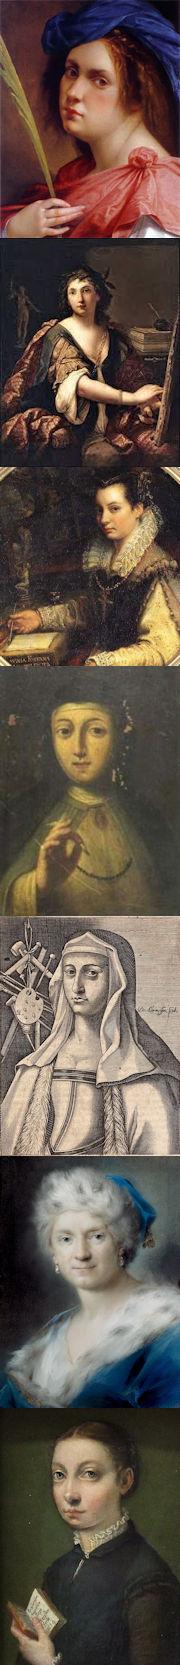 Artemisia Gentileschi, Elisabetta Sirani, Lavinia Fontana, Plautilla Nelli, Properzia de' Rossi, Rosalba Carriera, Sofonisba Anguissola